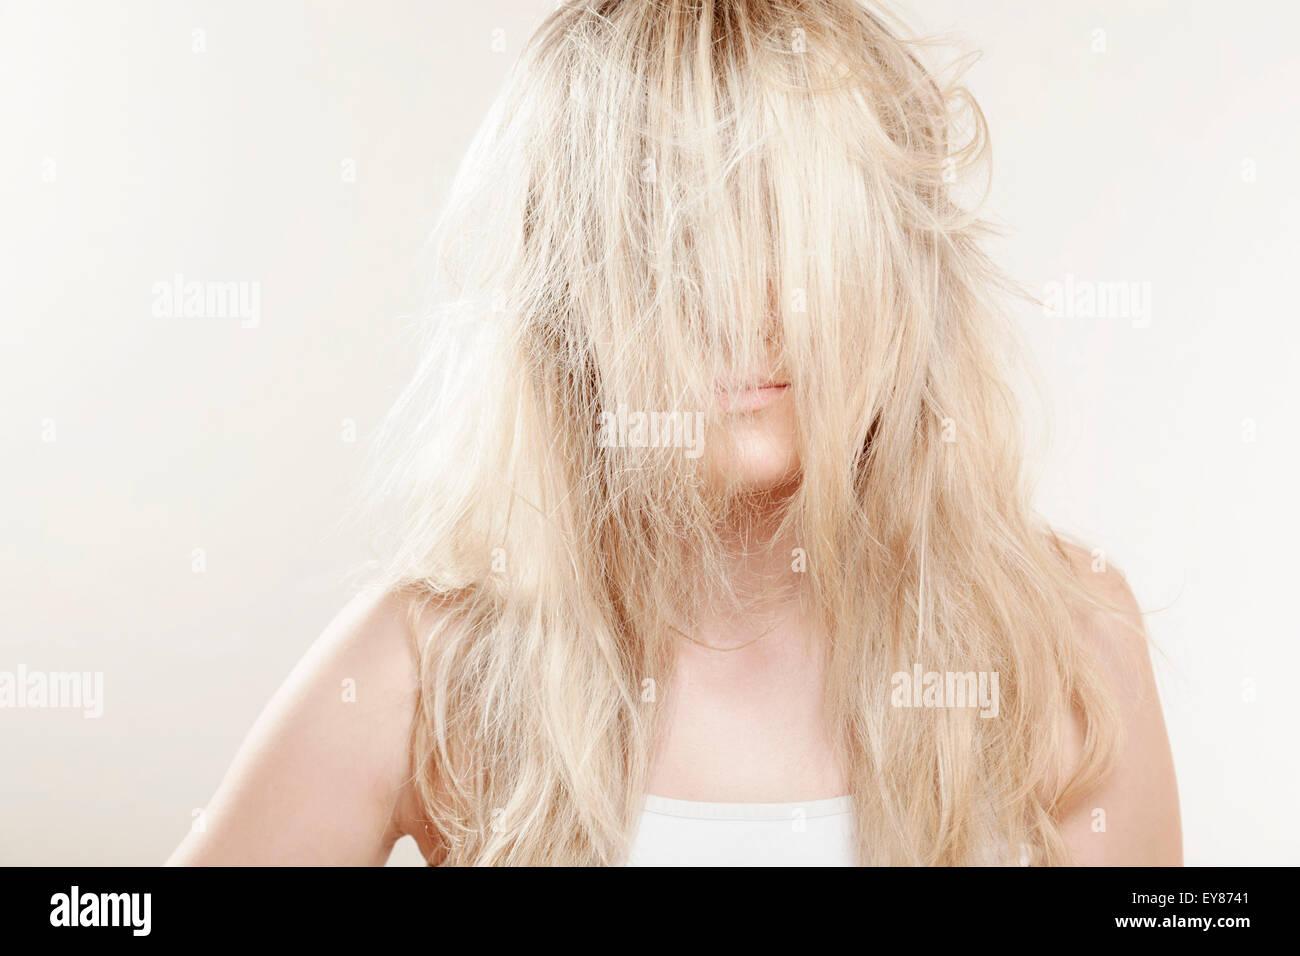 Giovane donna capelli biondi che ricopre la faccia Immagini Stock